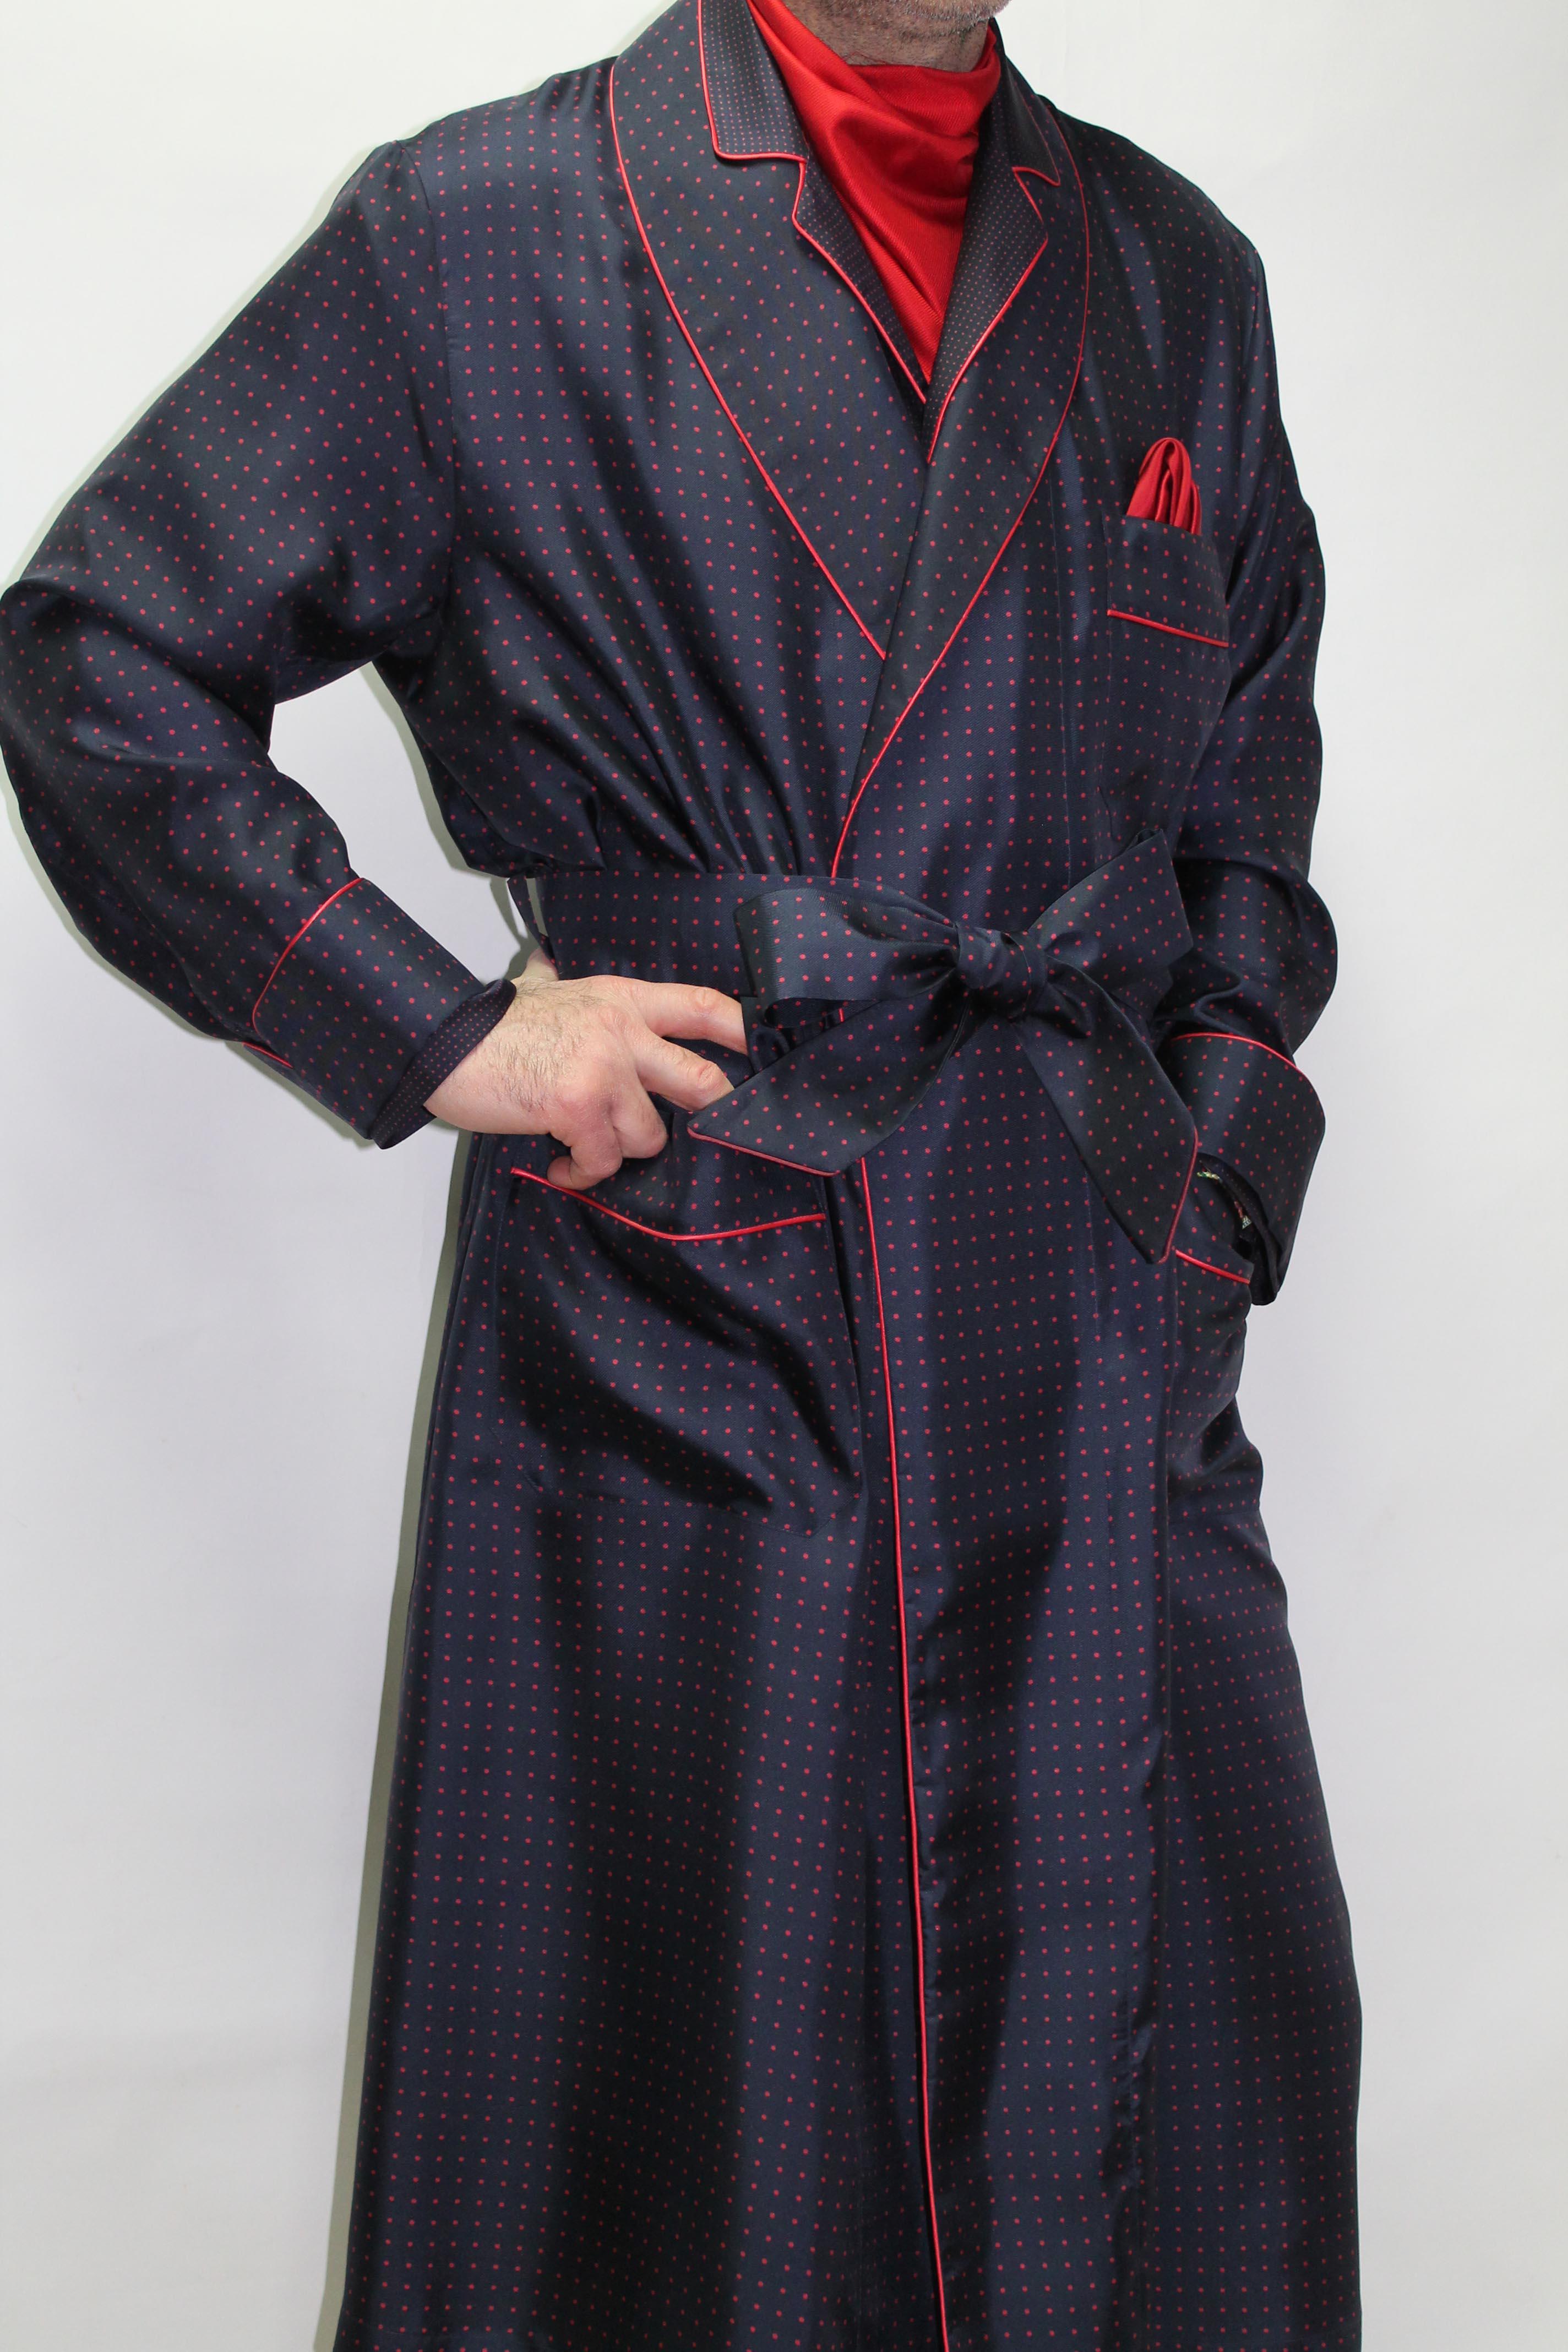 robe de chambre classique pour homme 100 soie imprimee avec passepoil. Black Bedroom Furniture Sets. Home Design Ideas